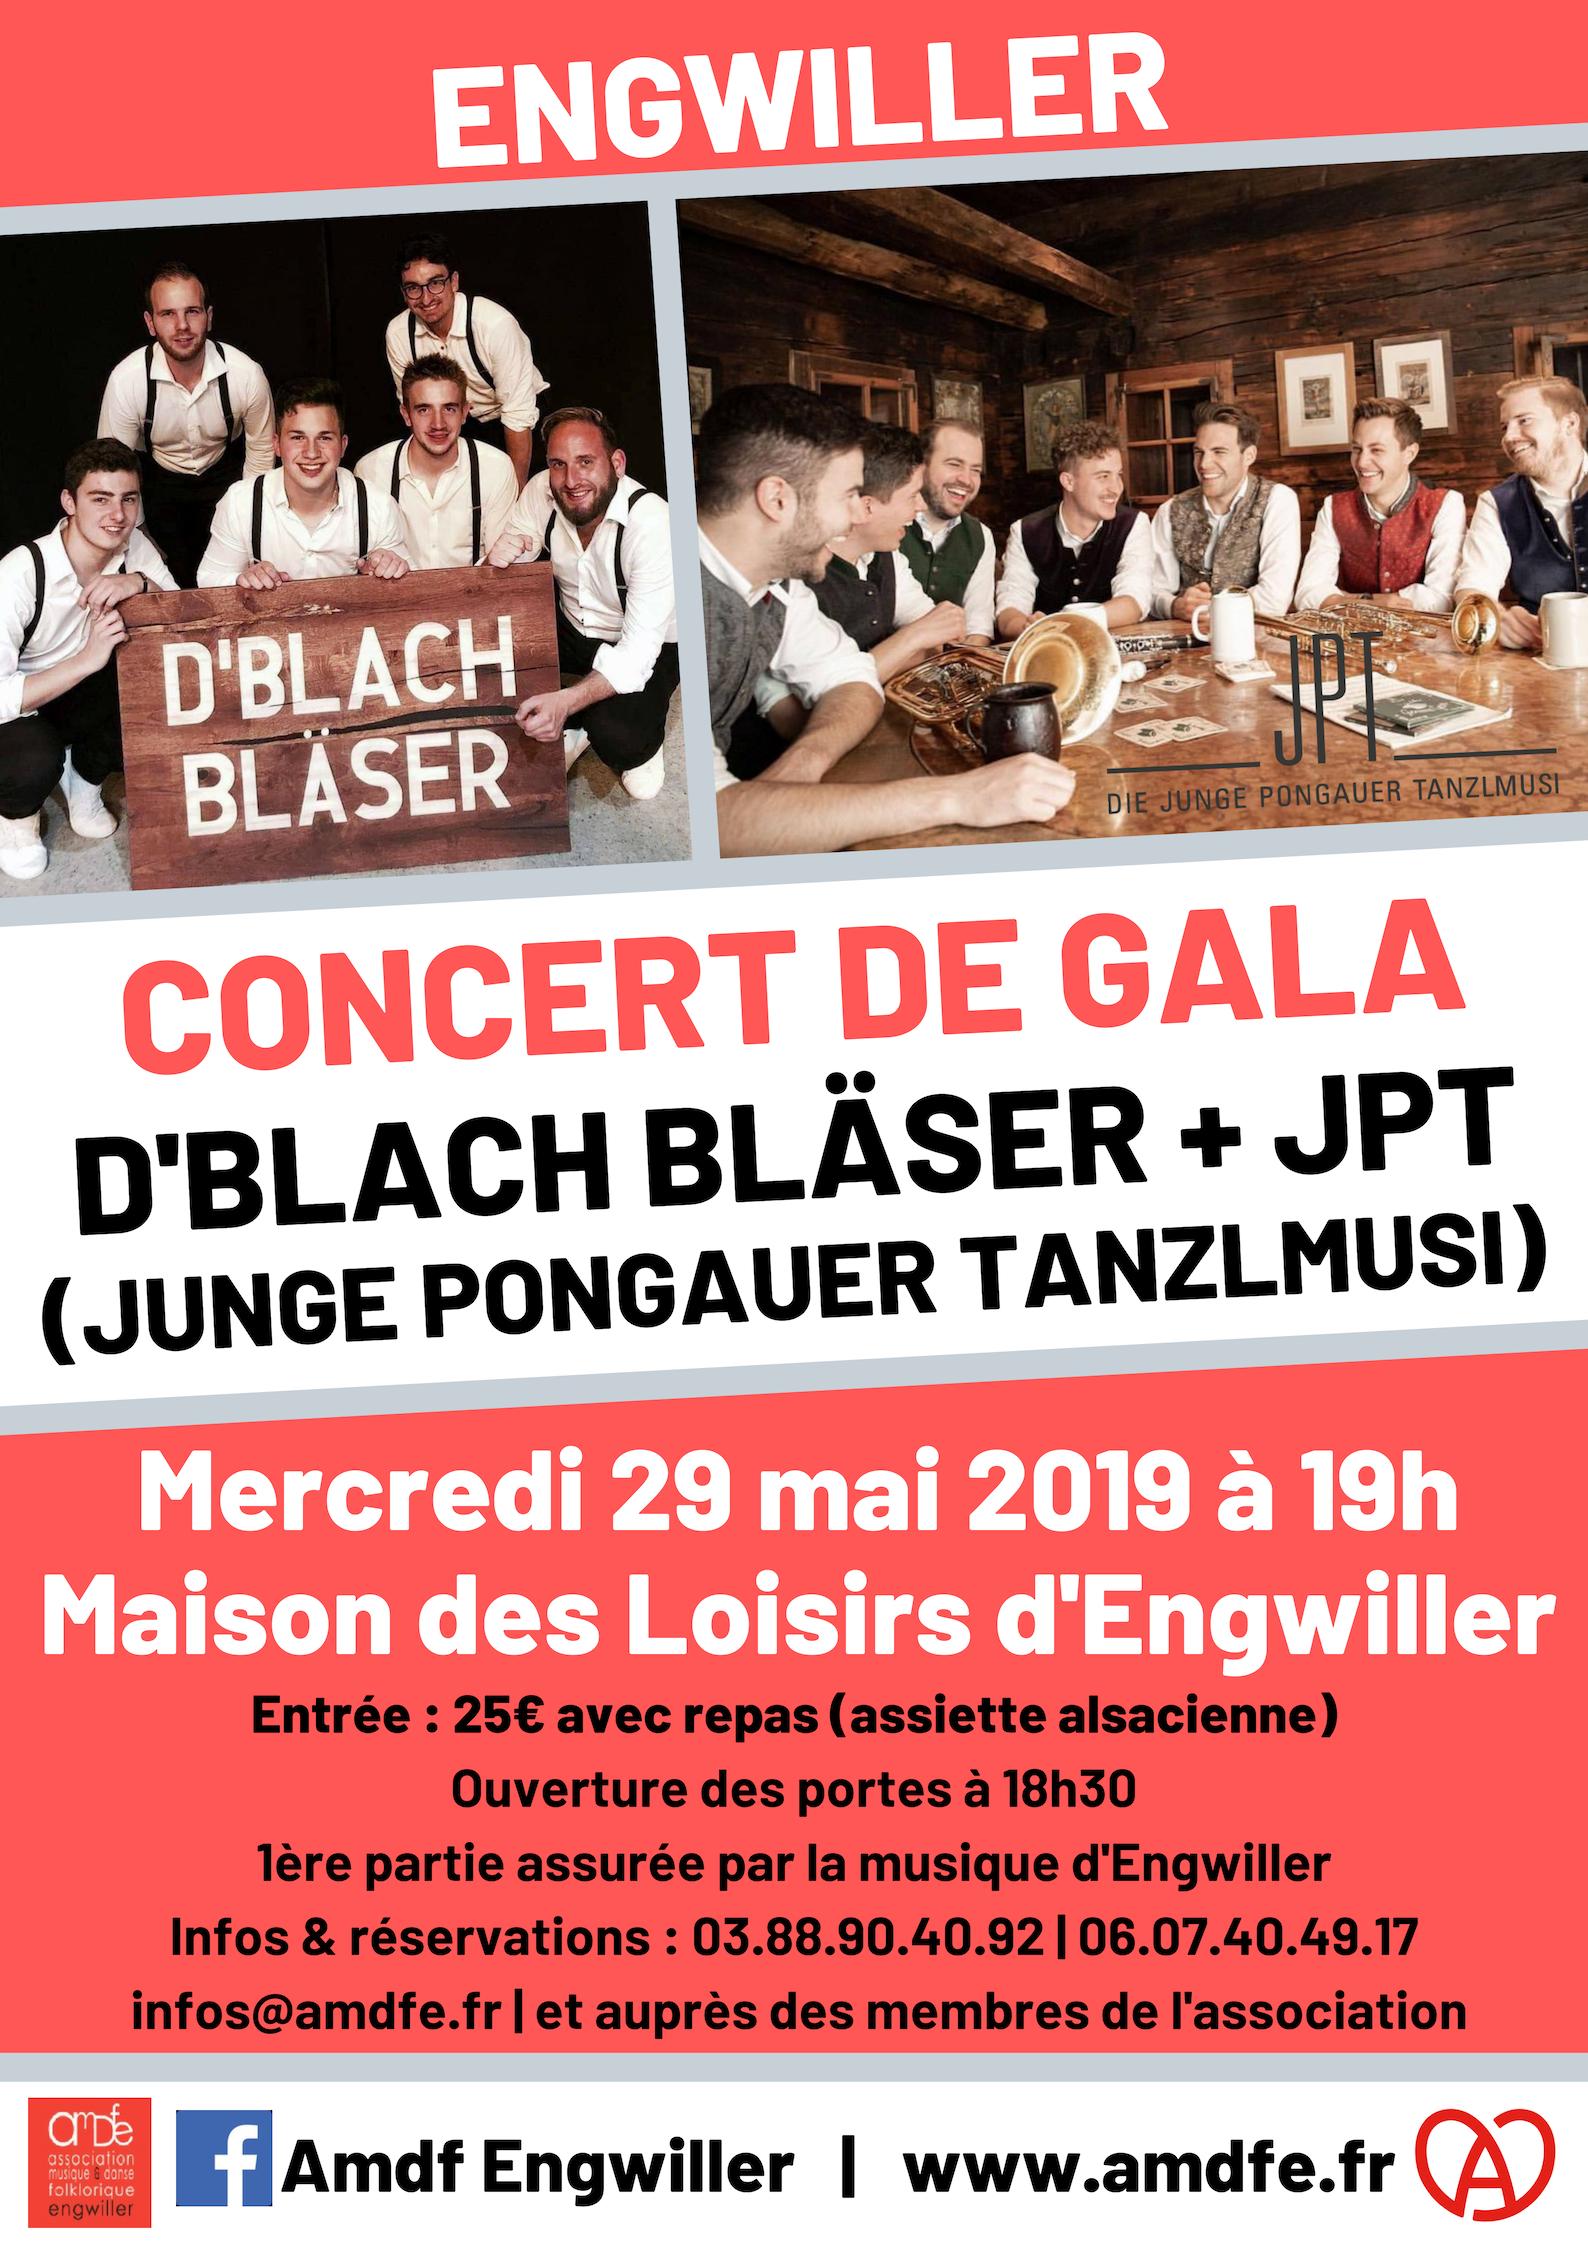 Concert de gala : Blach Bläser + JPT